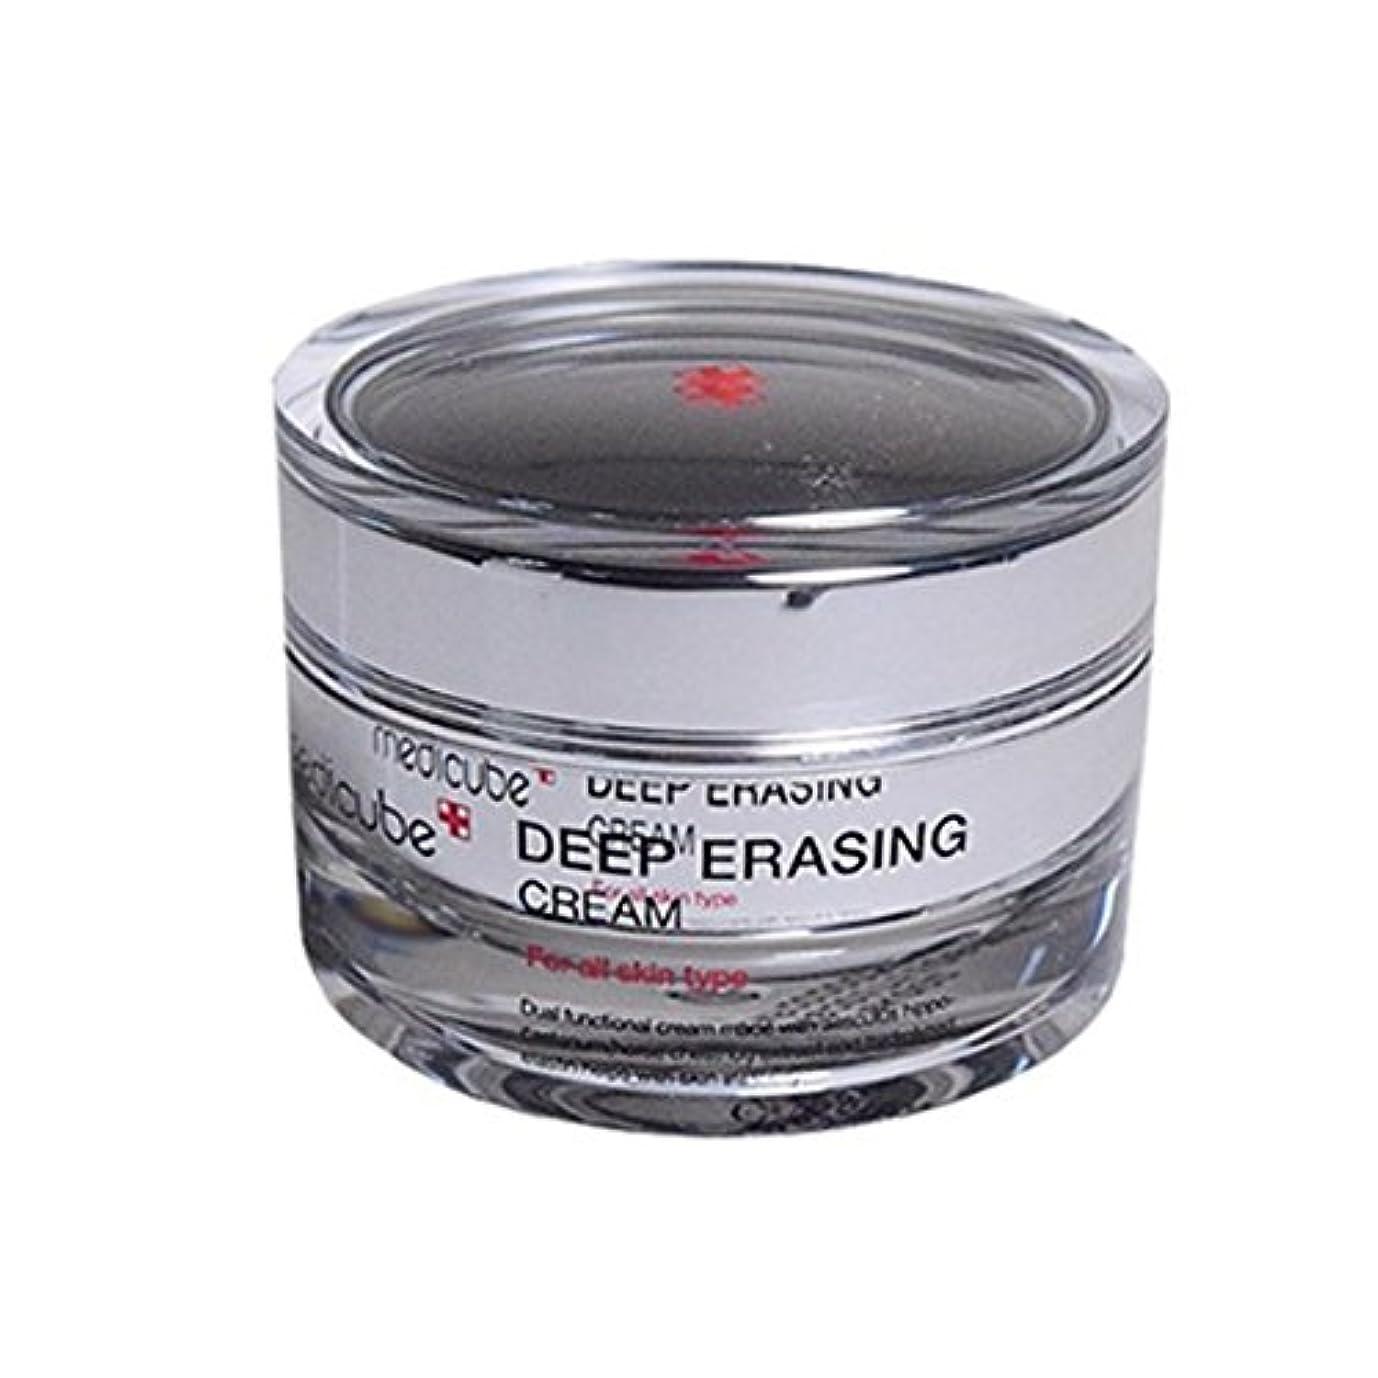 羊階下遮るメディキューブ?ディップイレイジンクリーム50ml、Medicube Deep Erasing Cream 50ml [並行輸入品]